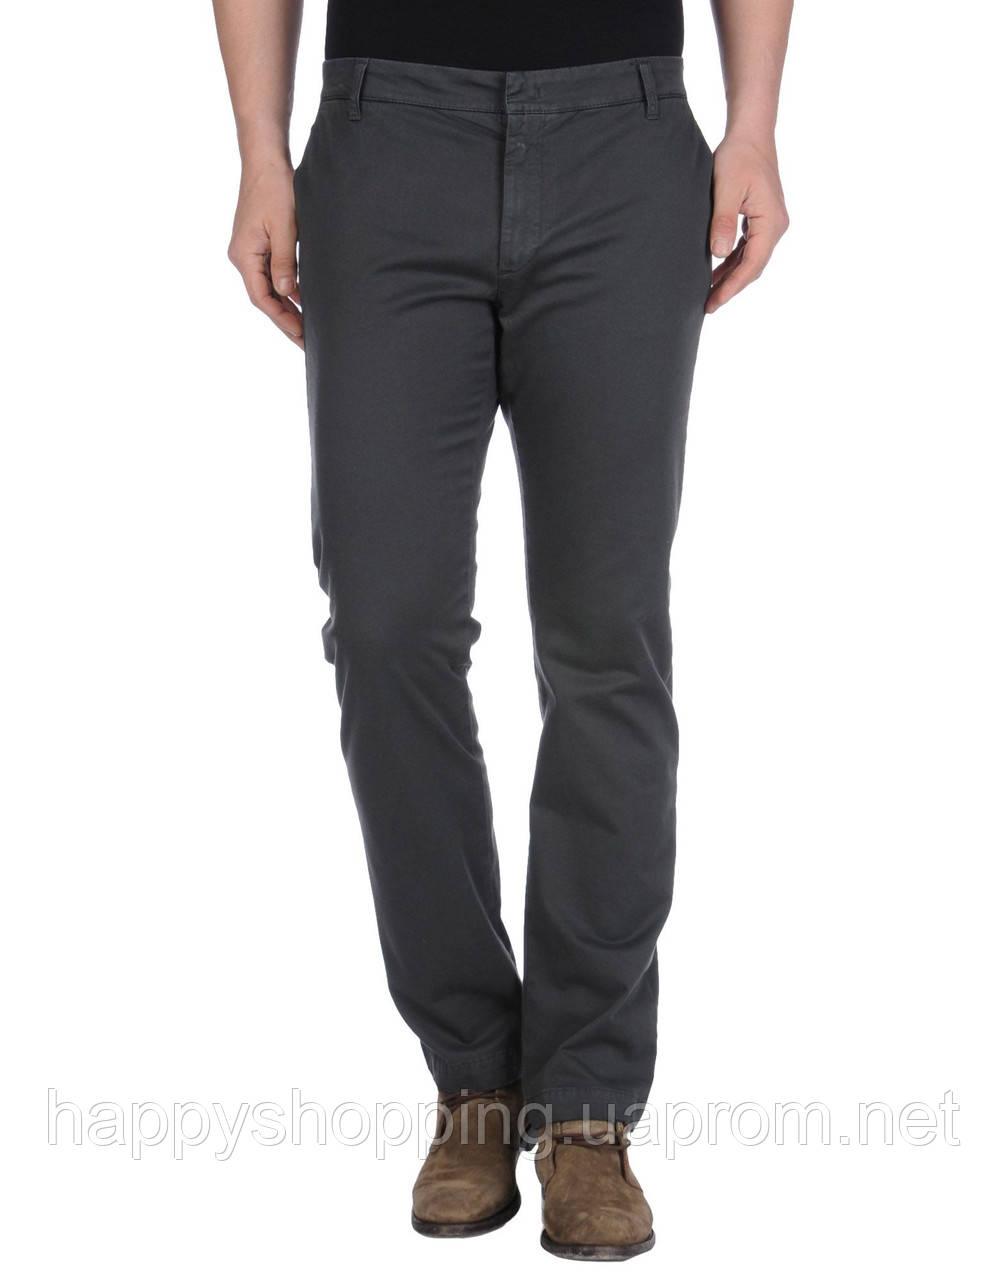 Темно-серые брюки Hells Bells